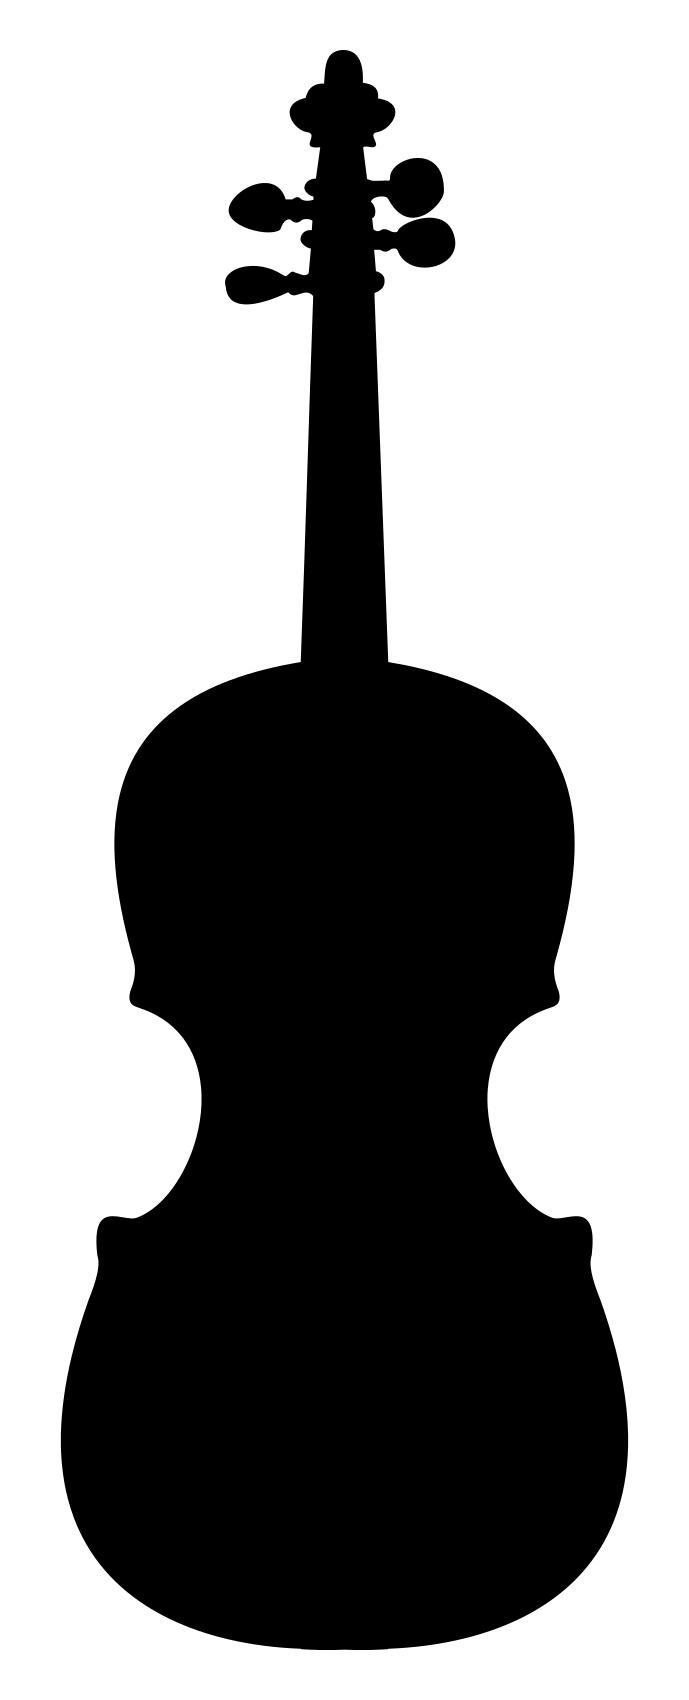 689x1700 Violin Silhouette 2 Clipart